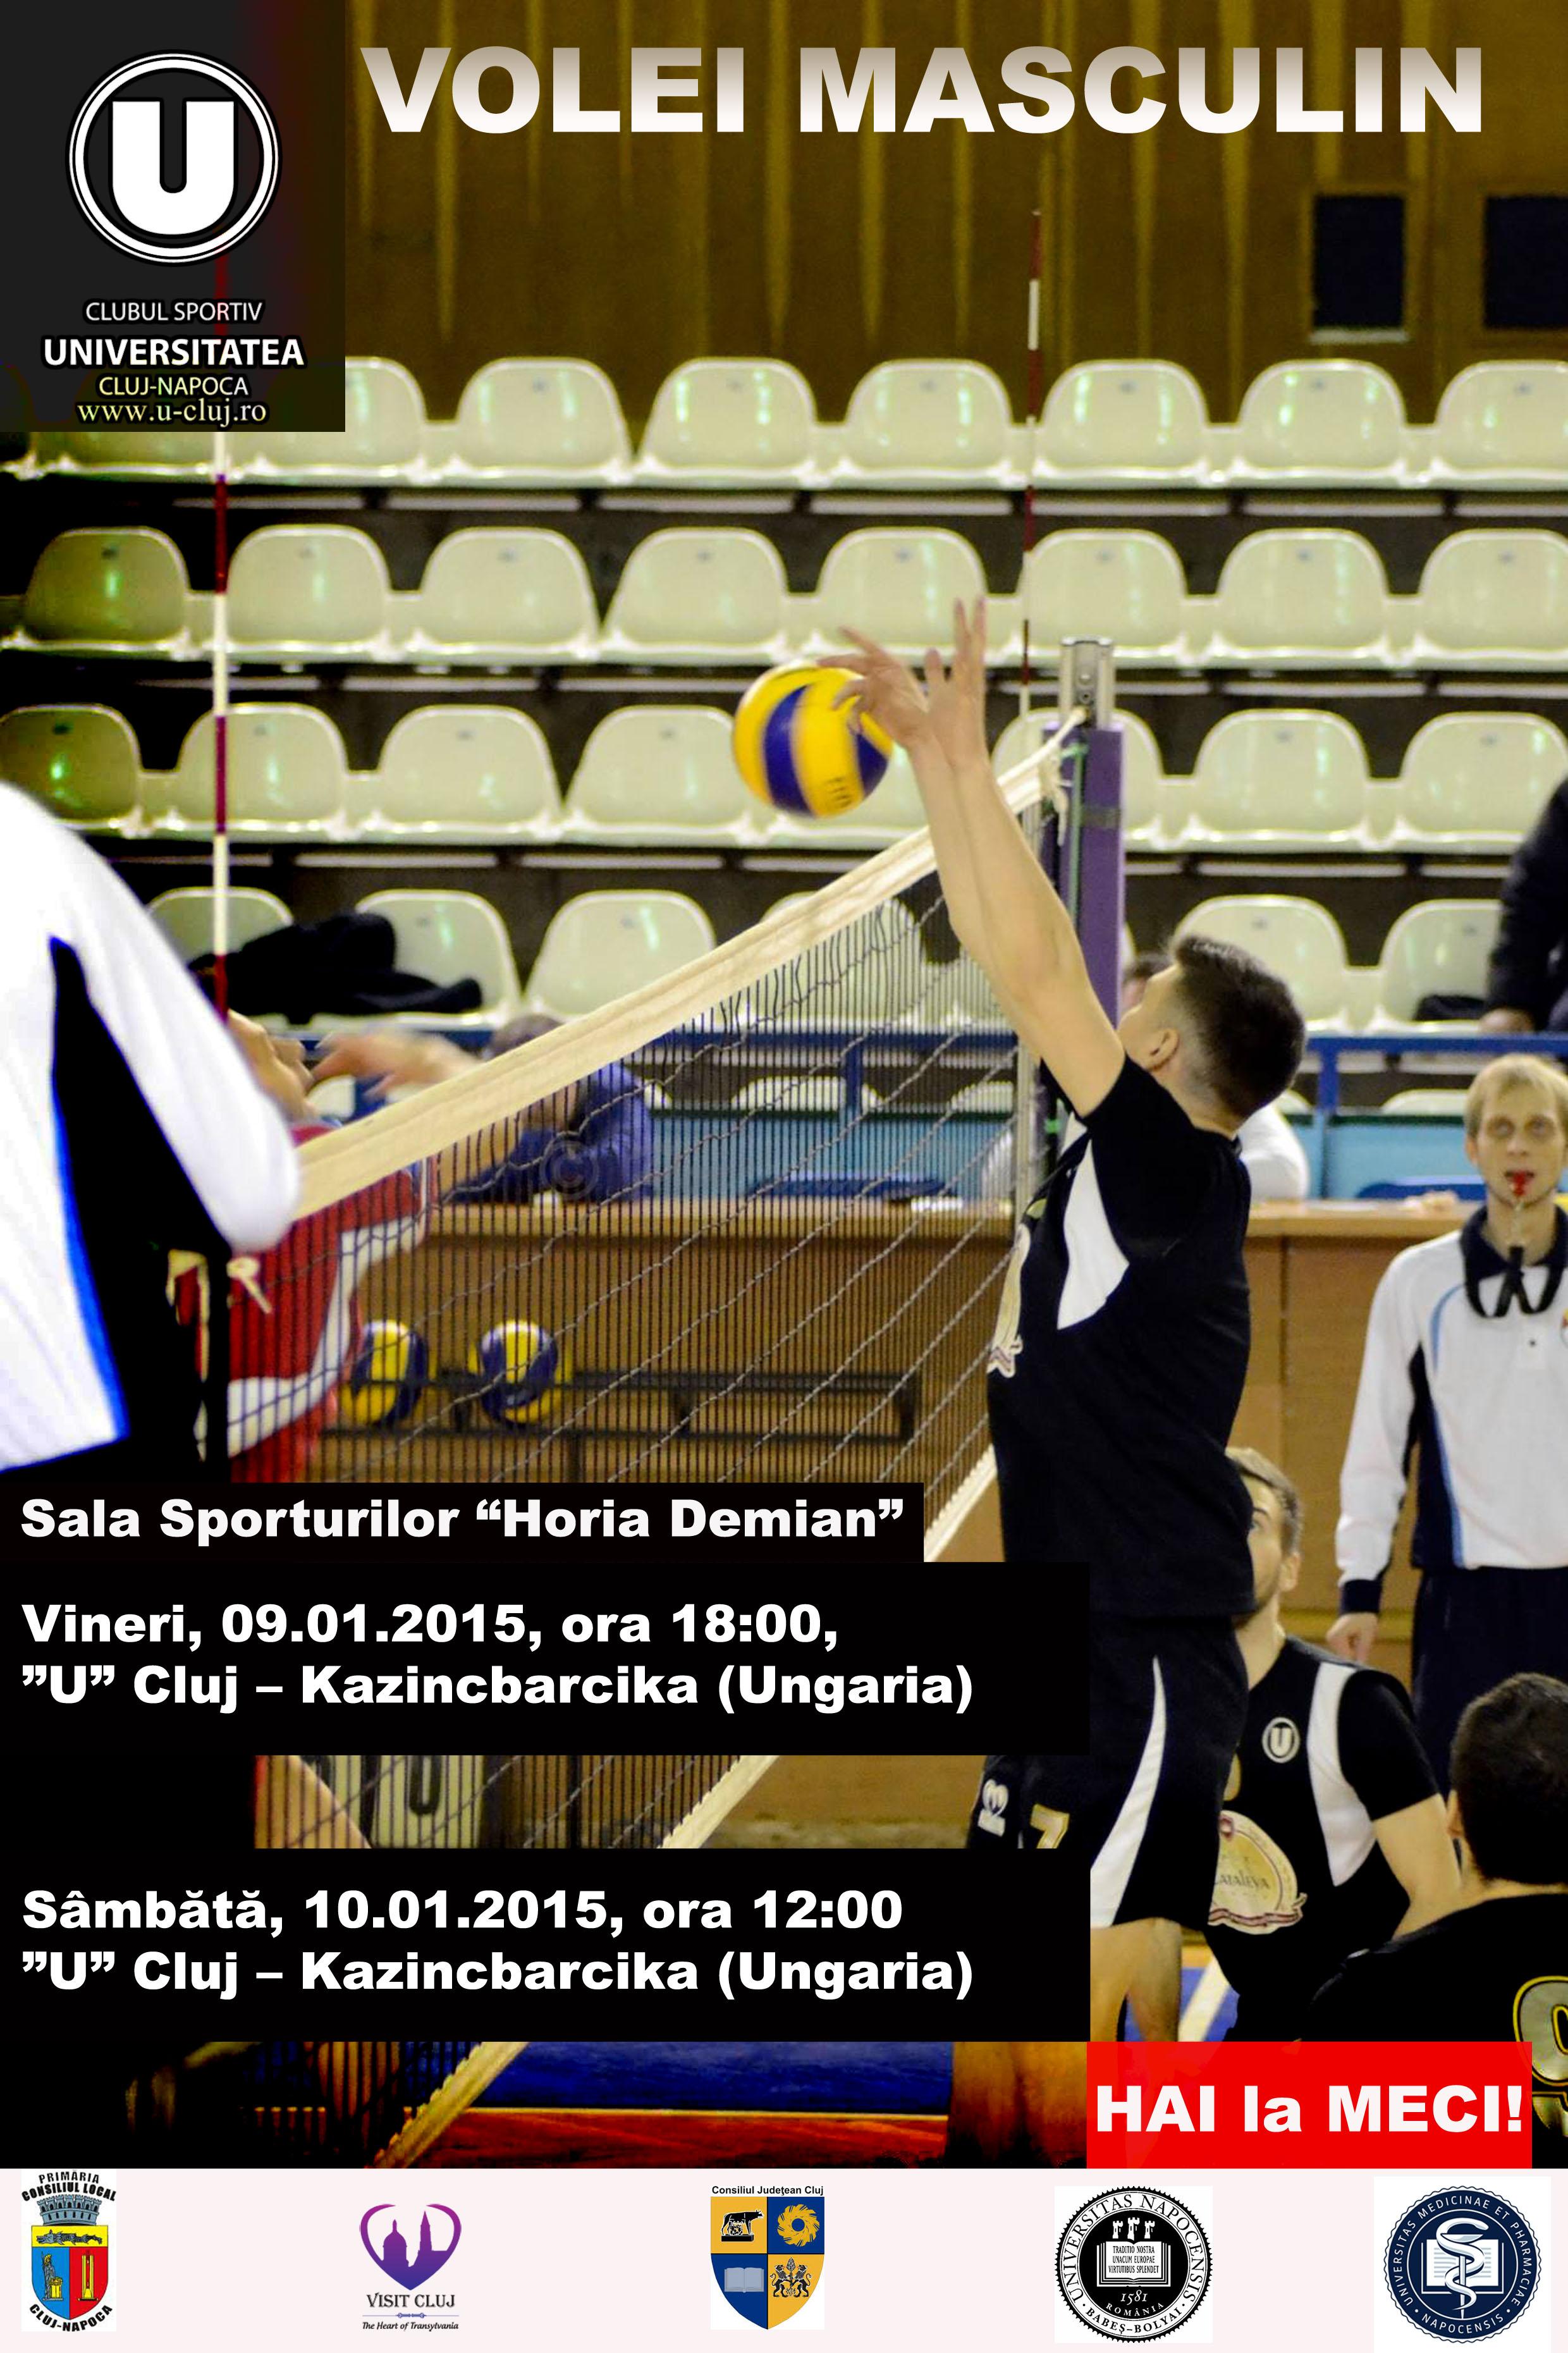 volei masculin U Cluj